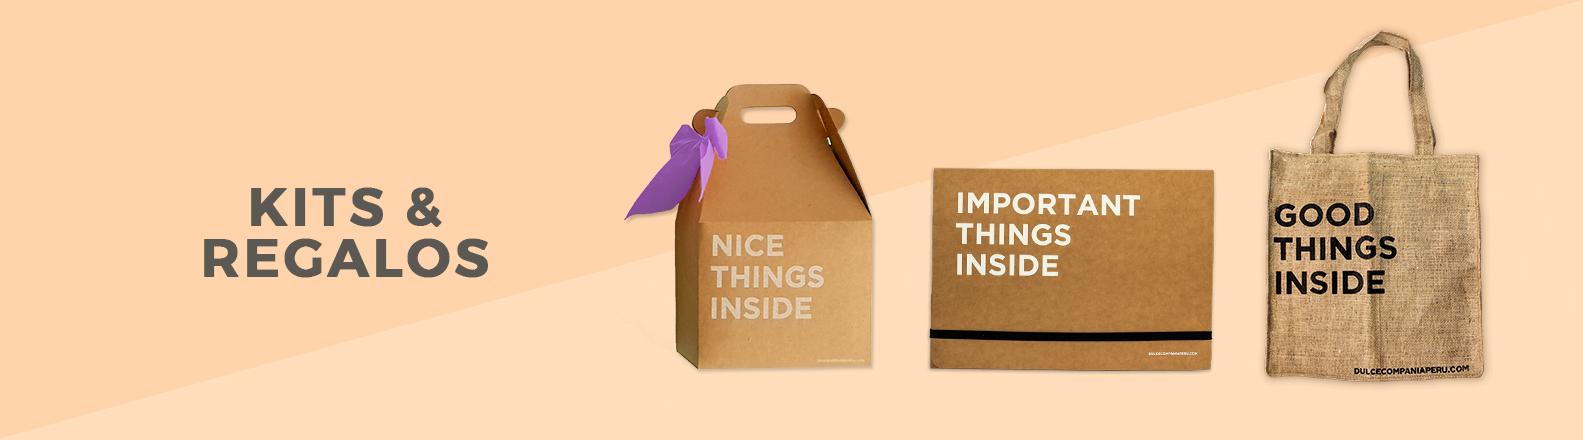 Banner kits y regalos Dulce Compañía